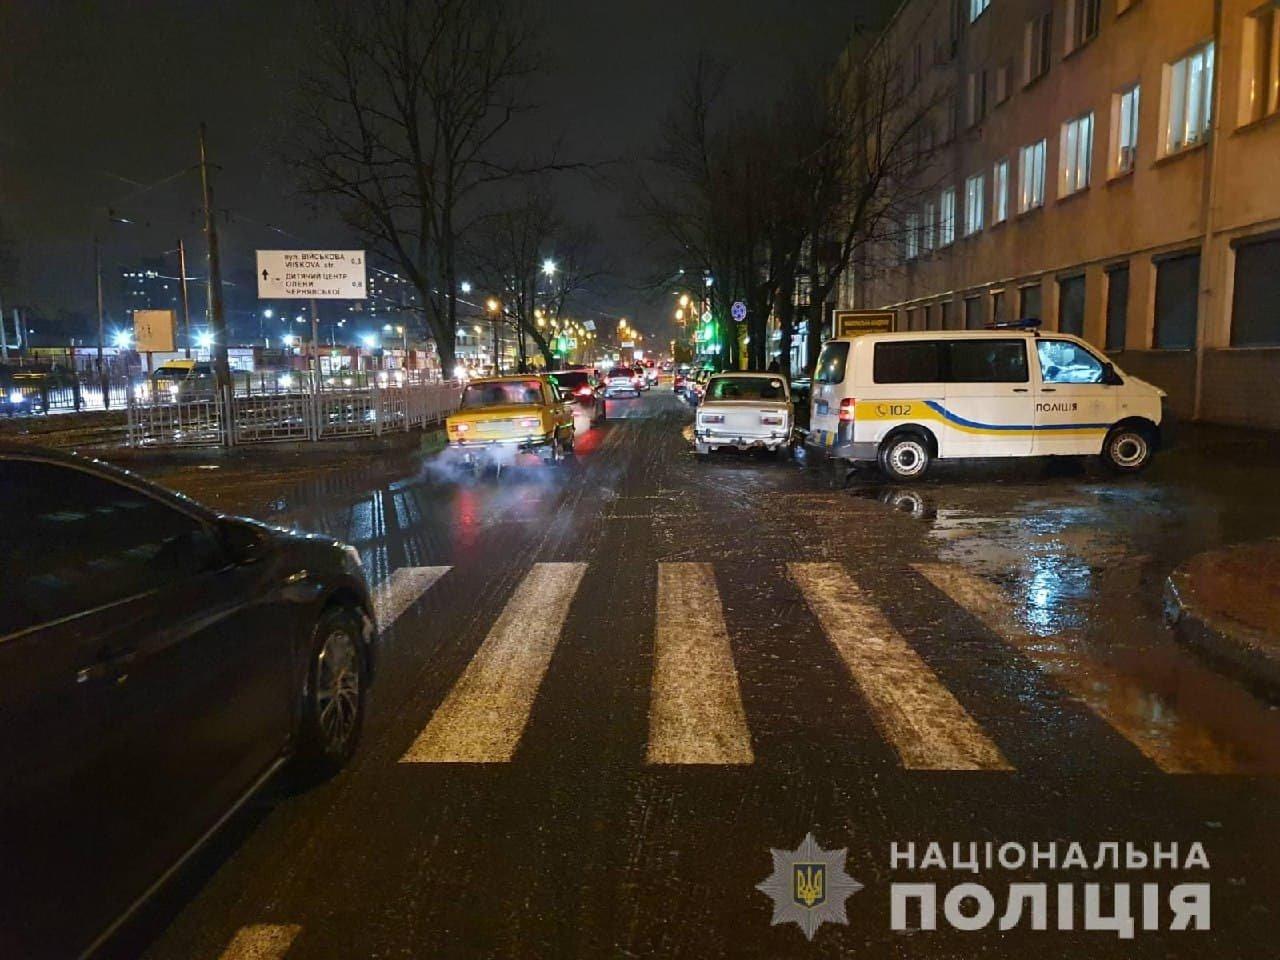 В Харькове из-за гололеда водитель легкового авто не смог затормозить и «снес» двух женщин на «зебре», - ФОТО, фото-1